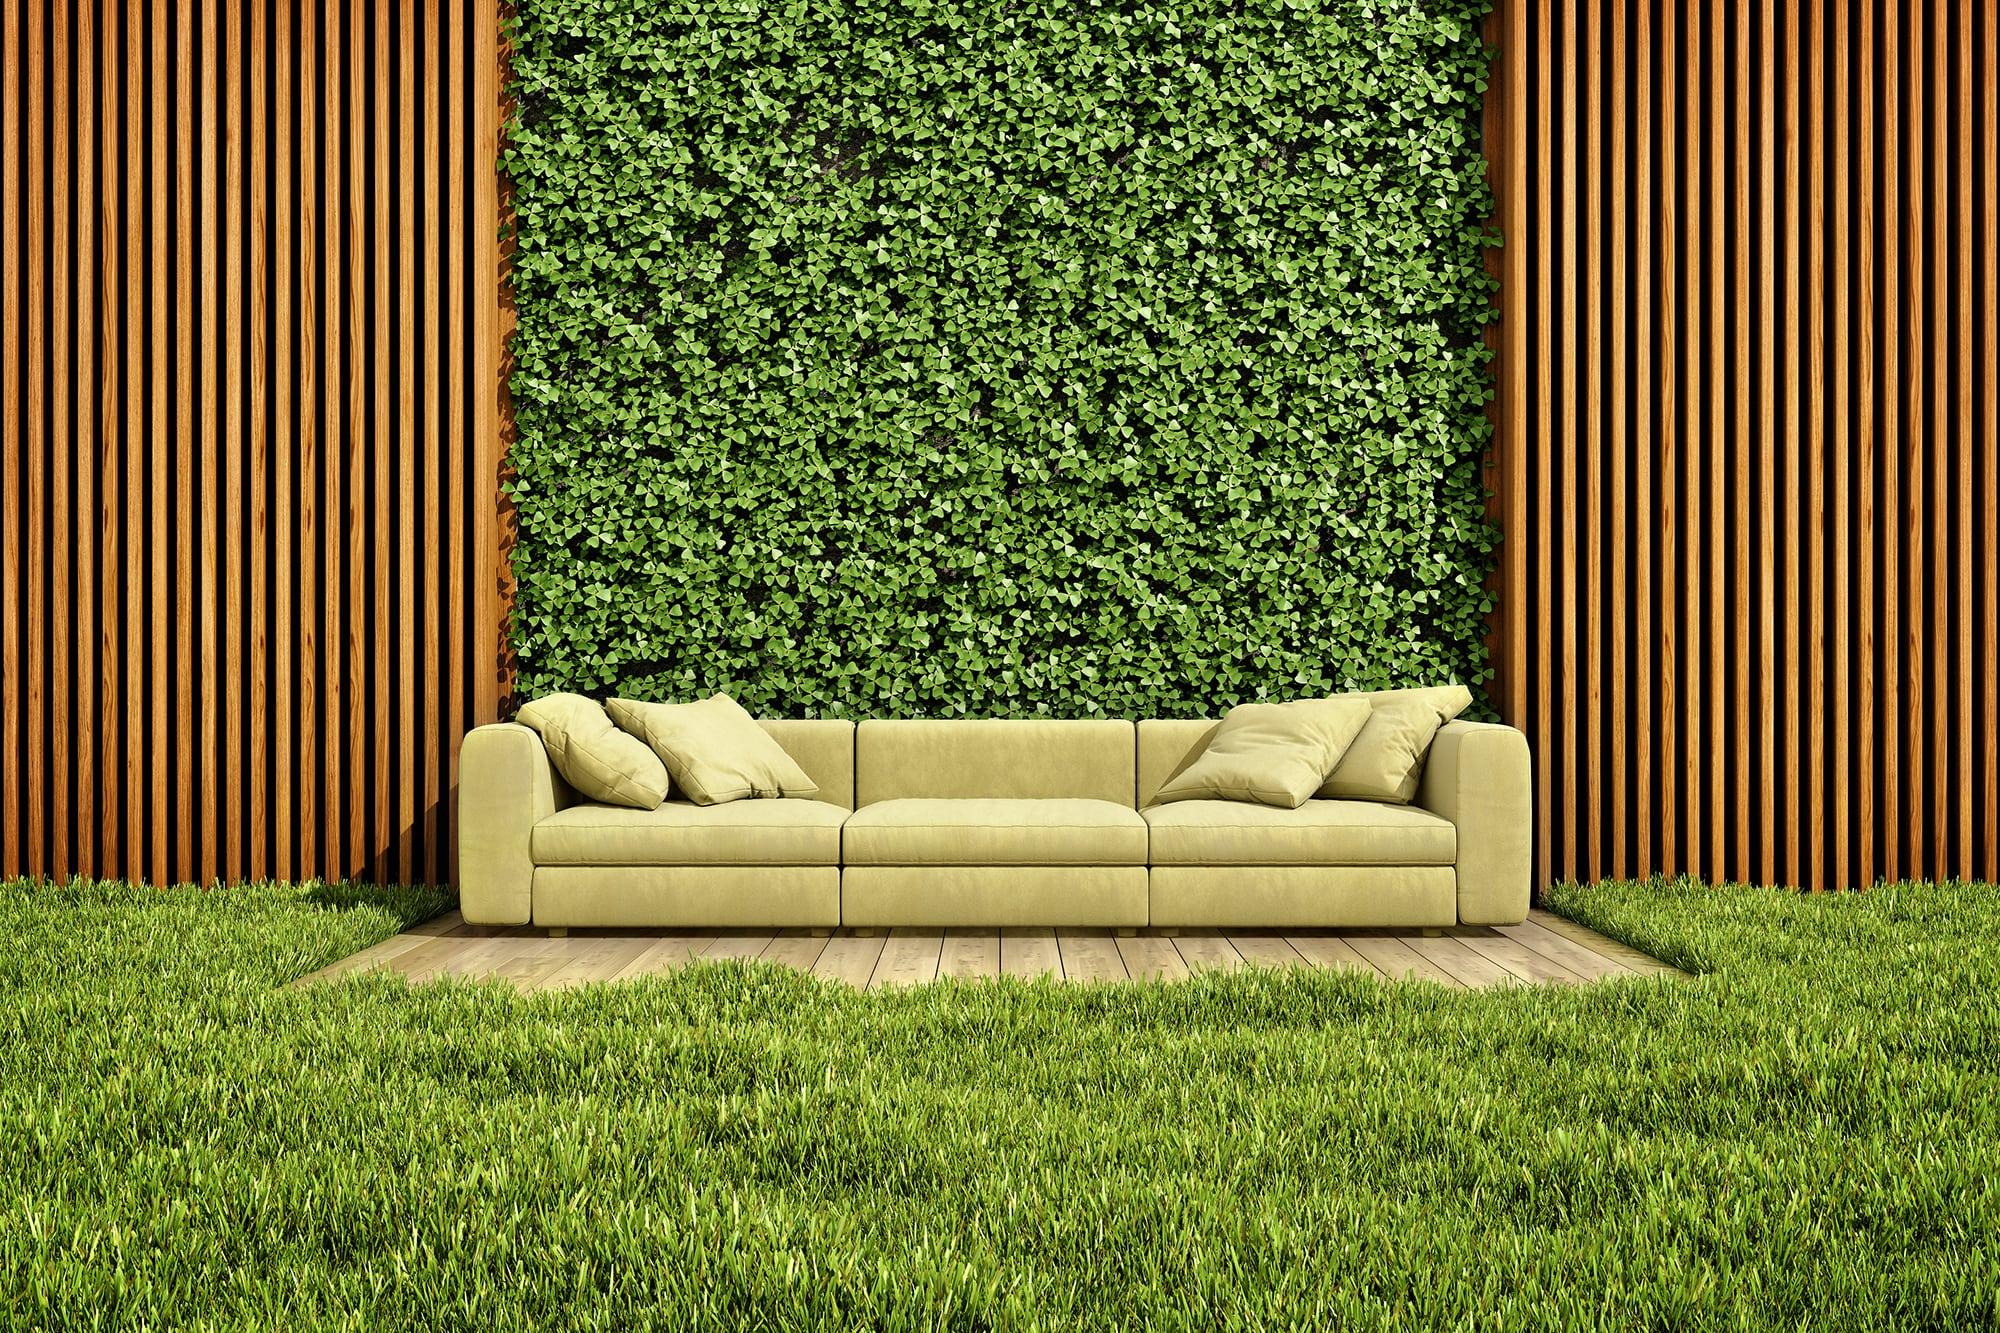 ตกแต่งบ้านให้สวยสดใสด้วยไอเดียจัดสวน 6